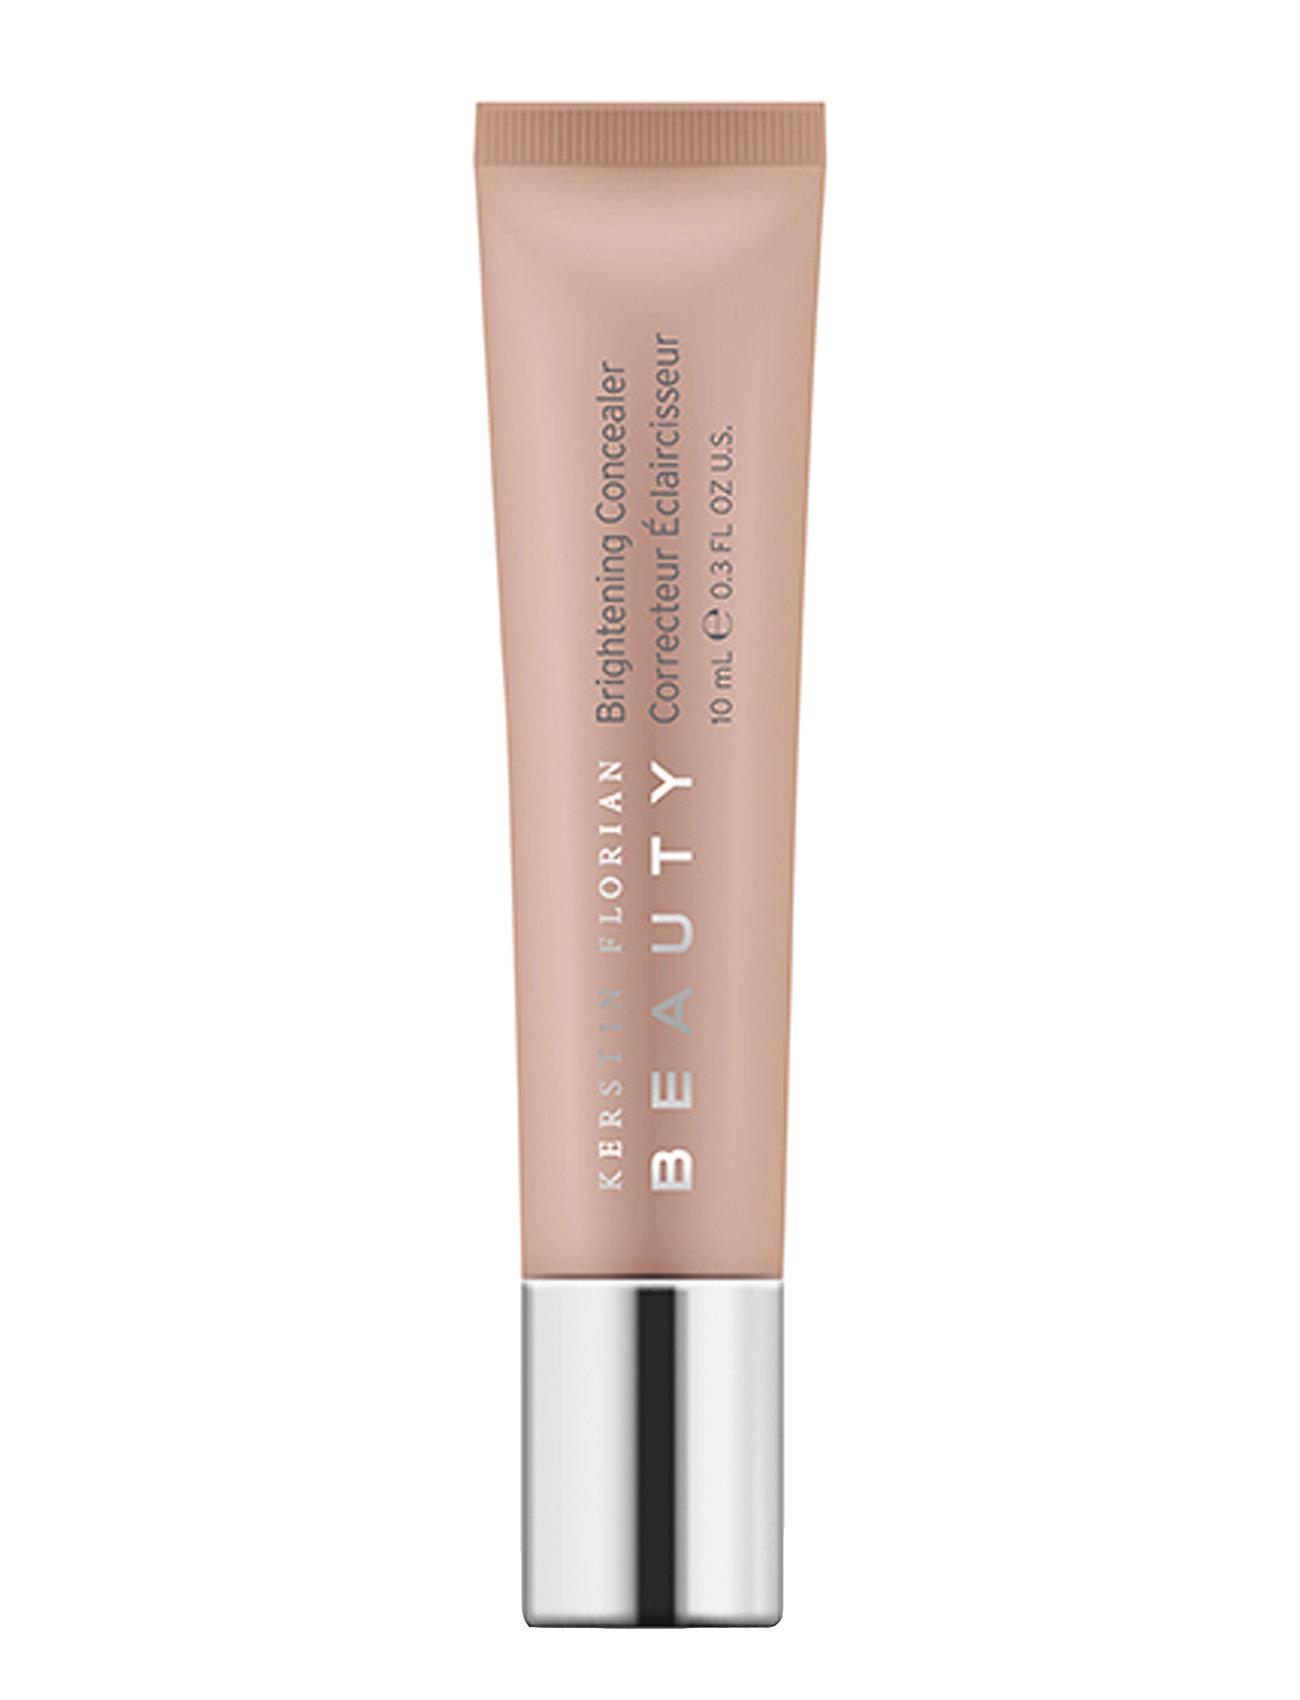 Image of Brightening Concealer Concealer Makeup KERSTIN FLORIAN (3077236813)